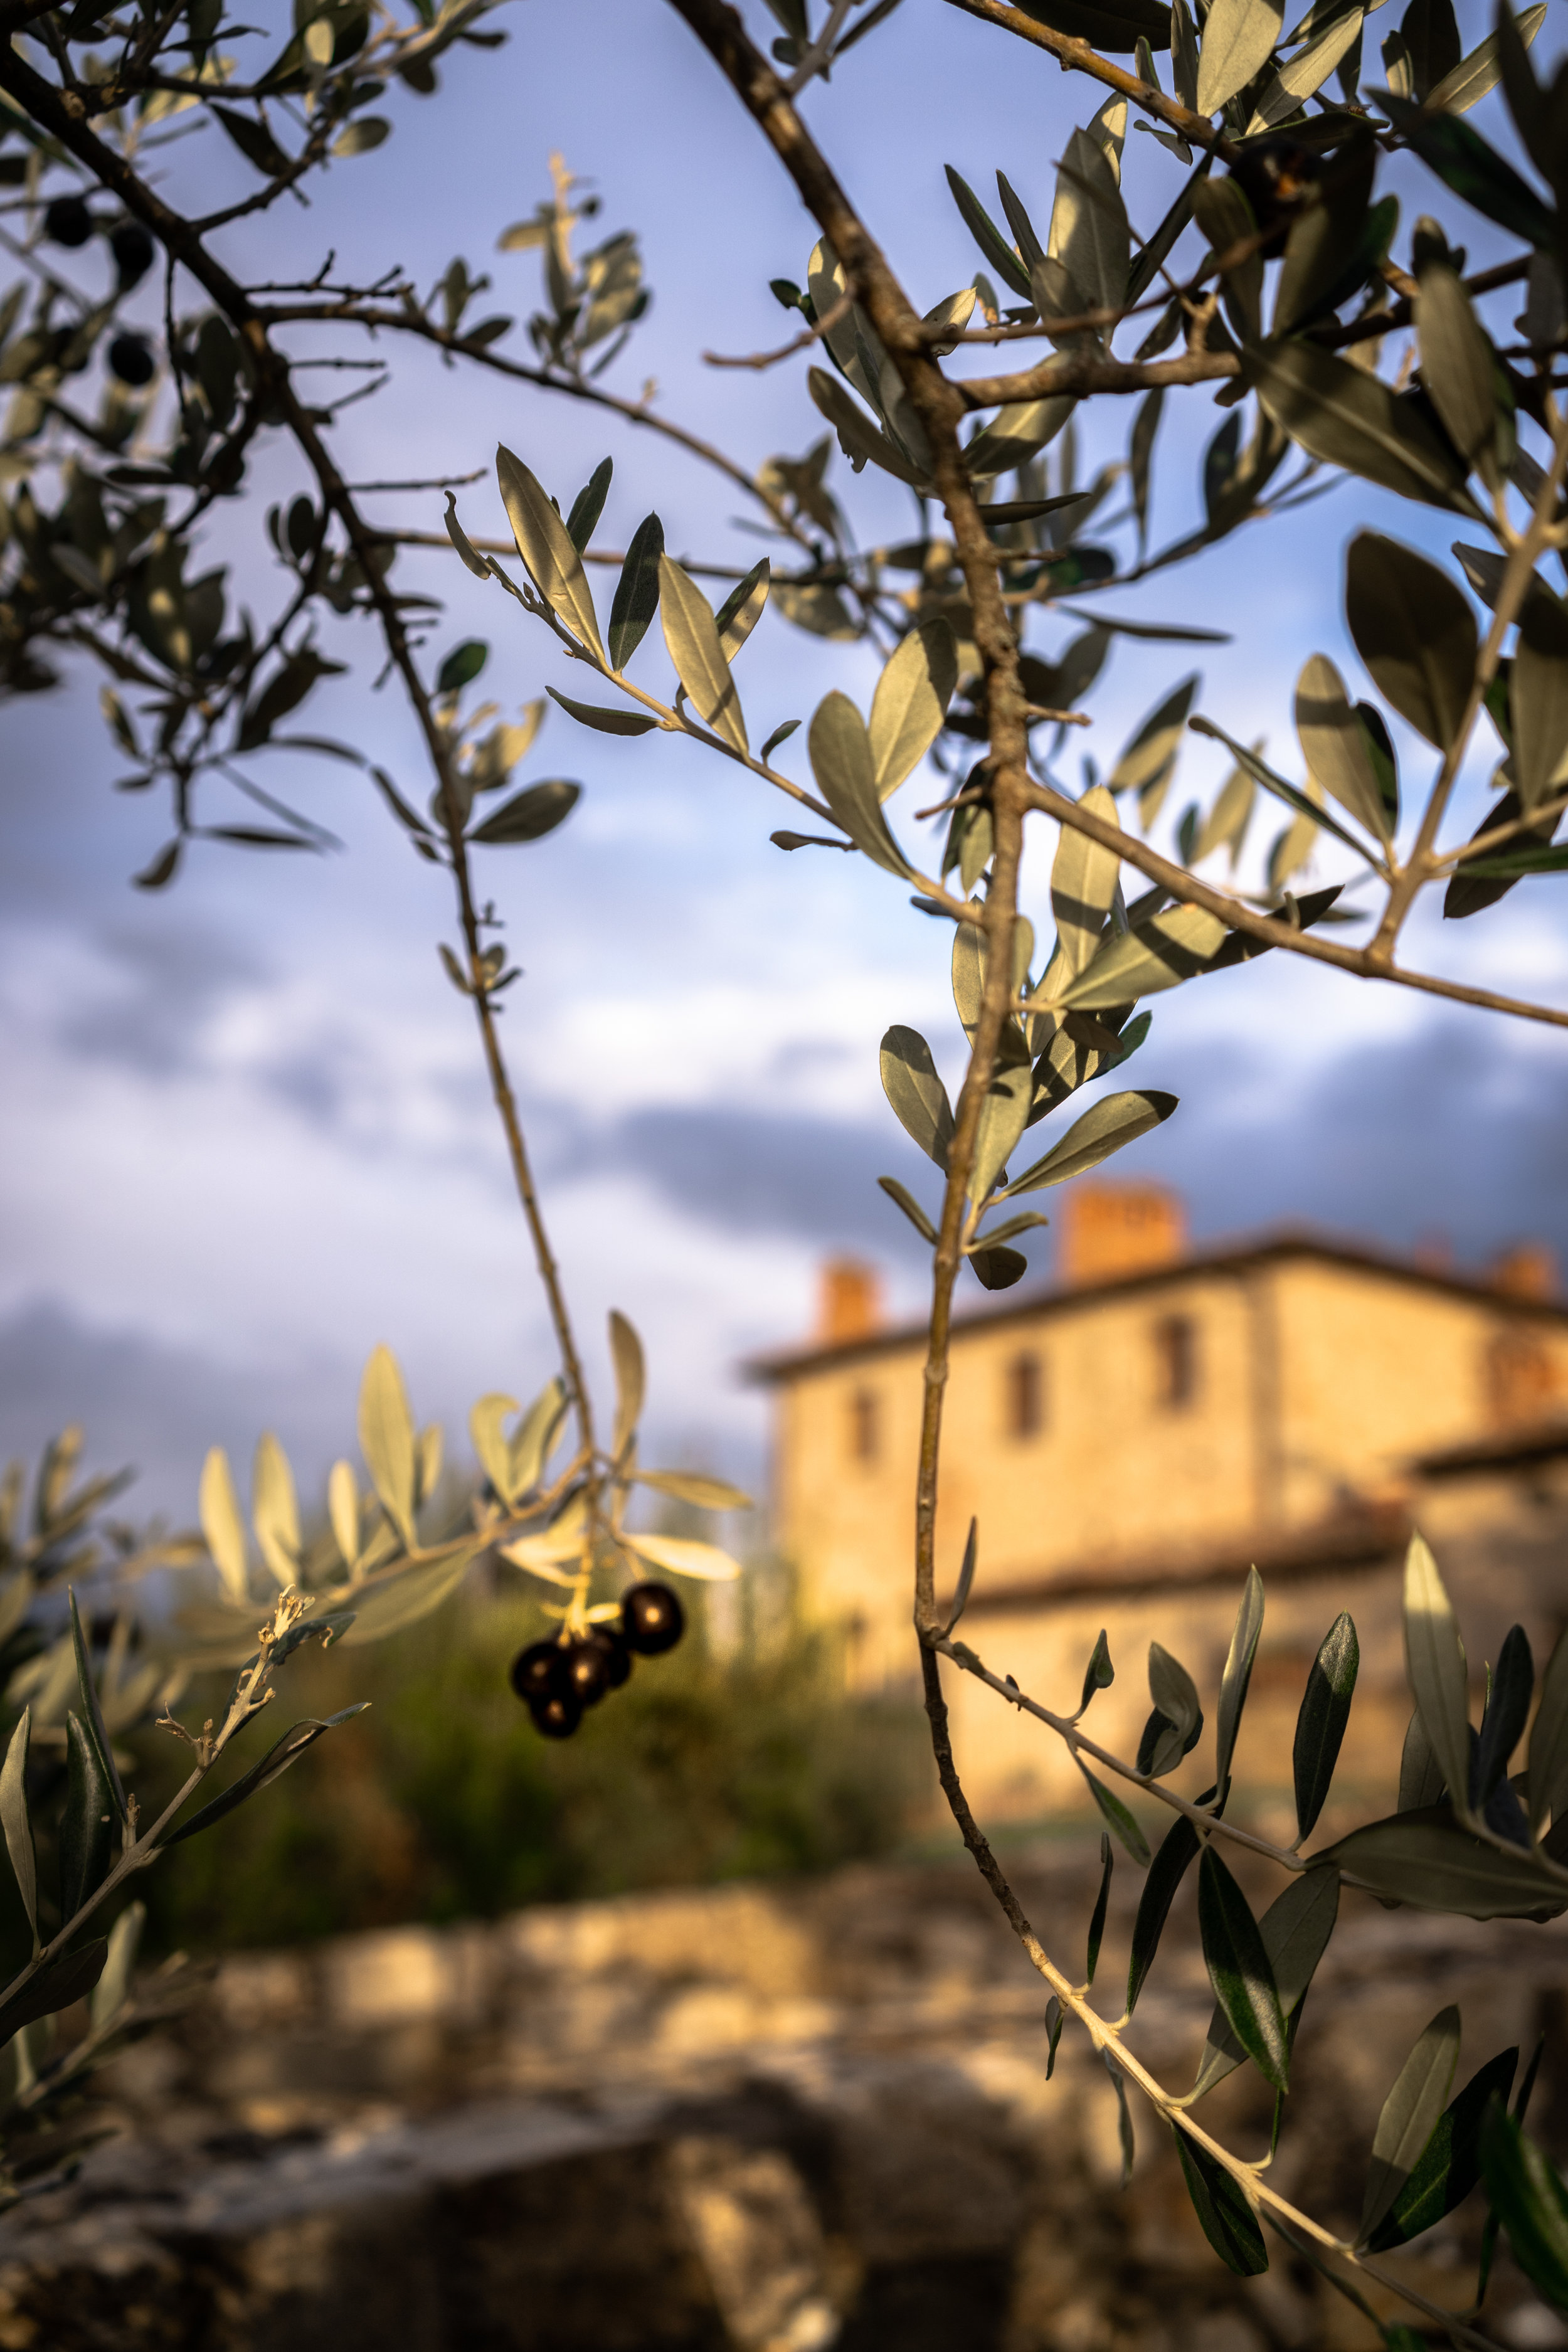 Olives ready for harvest at Castello di Meleto